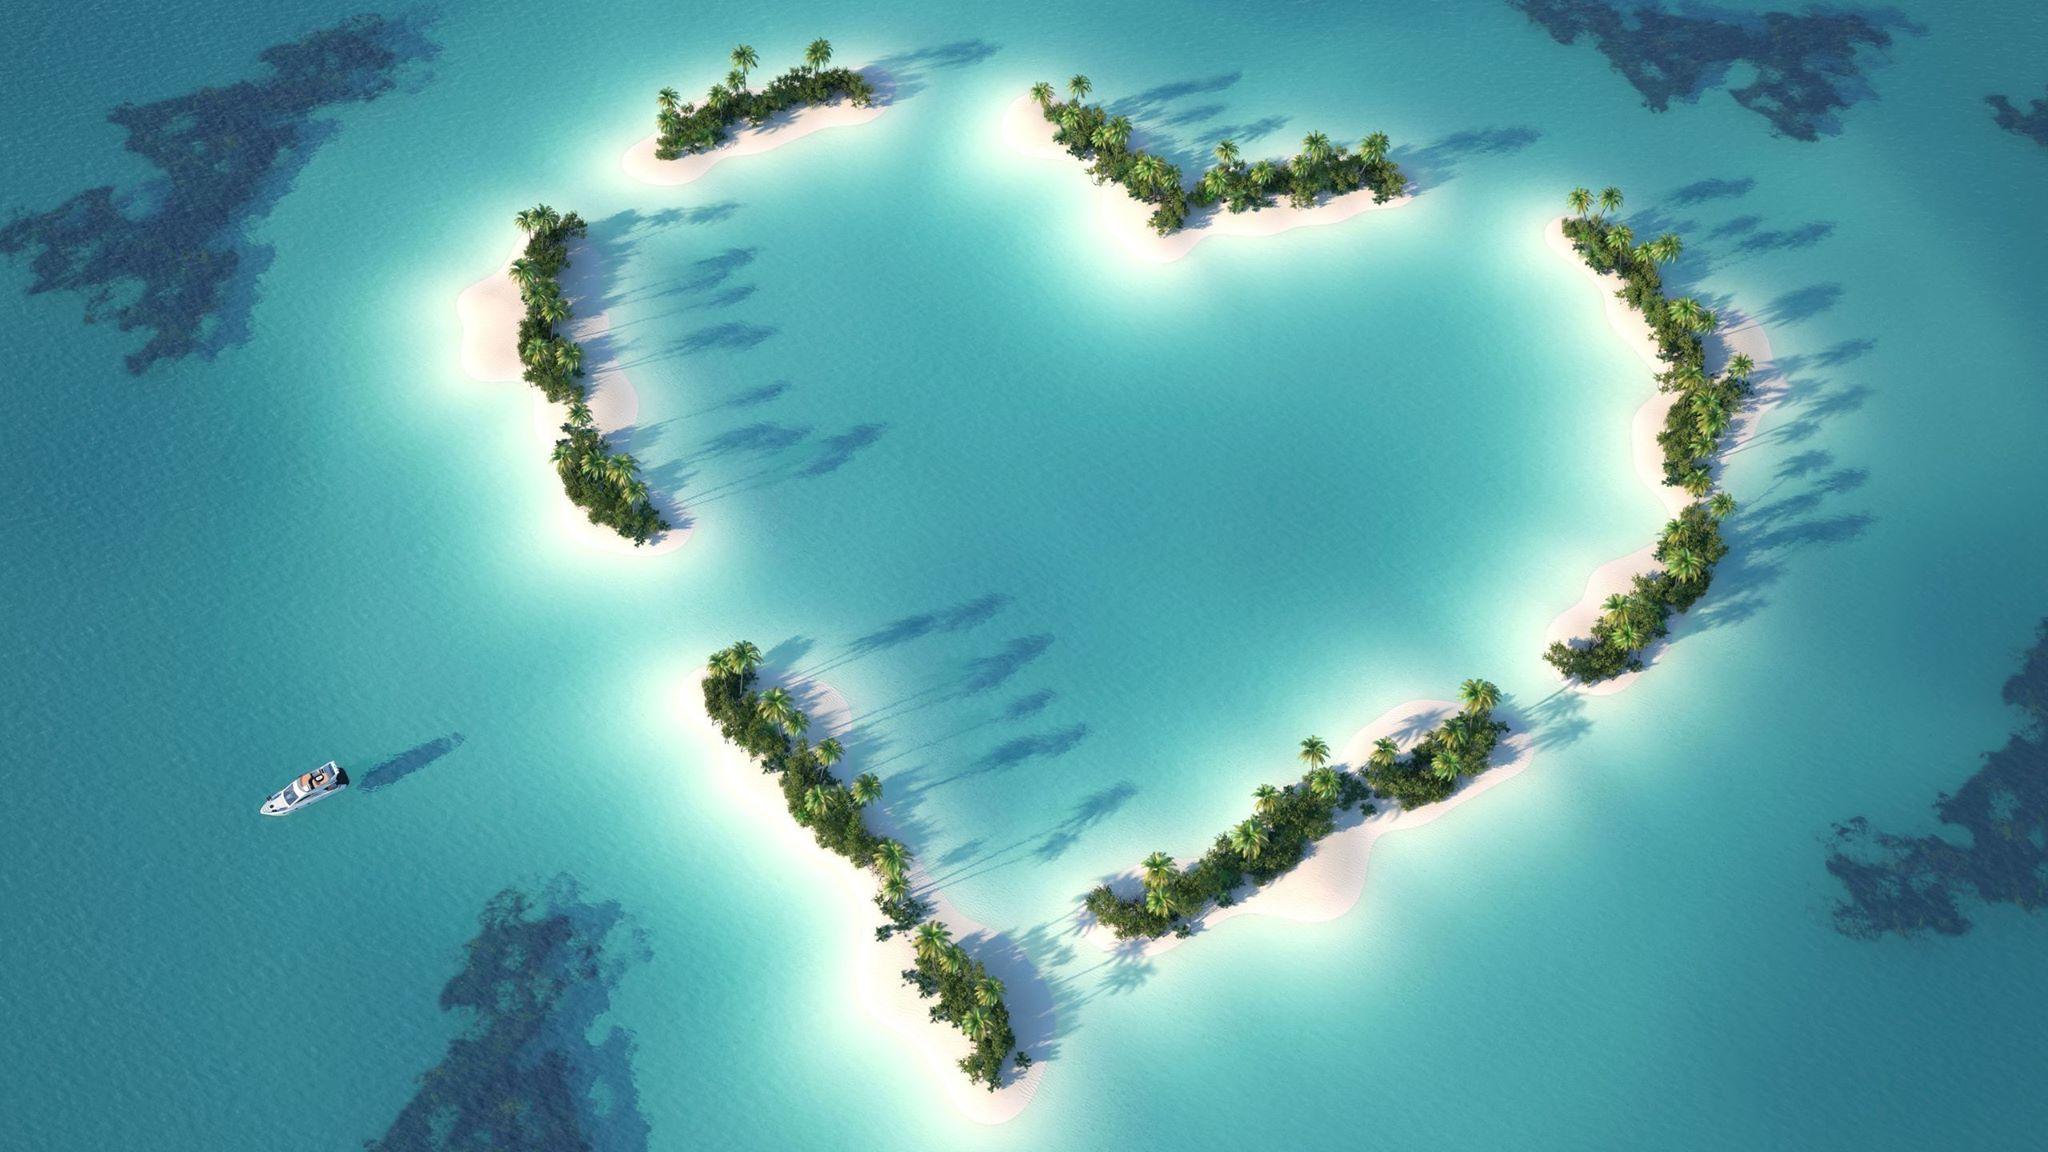 La relation amoureuse: apprendre à aimer selon notre choix.